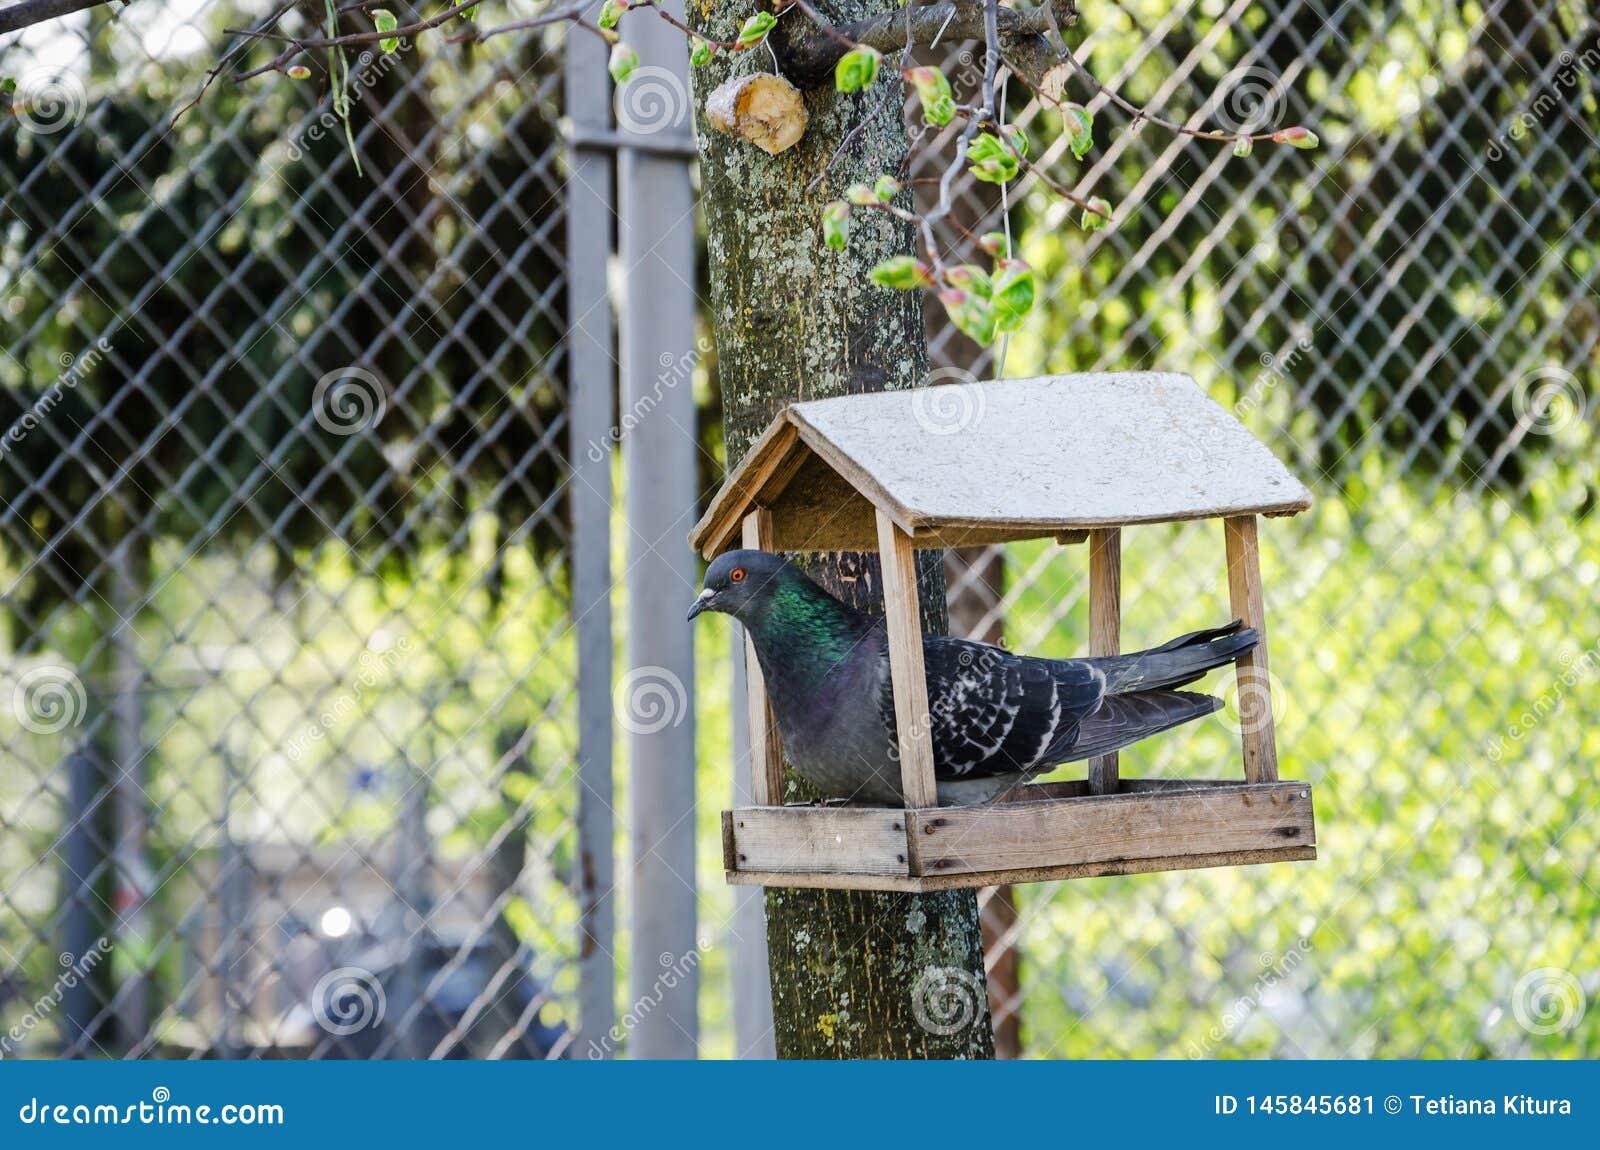 Taube in einer h?lzernen Krippe auf einem Baum